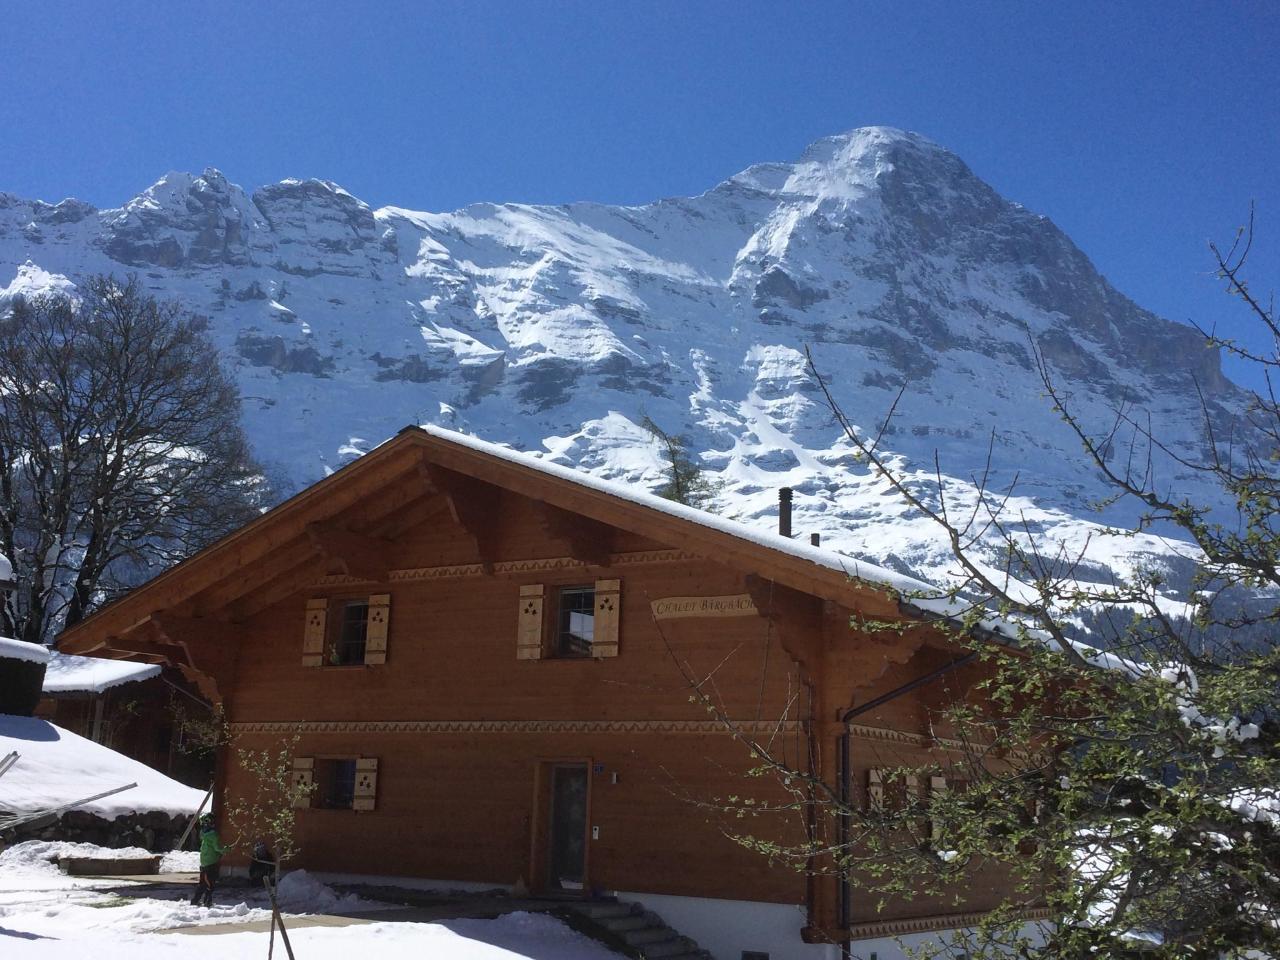 Appartement de vacances Bärgbächli 2 Bett Wohnung (2691725), Grindelwald, Région de la Jungfrau, Oberland bernois, Suisse, image 24